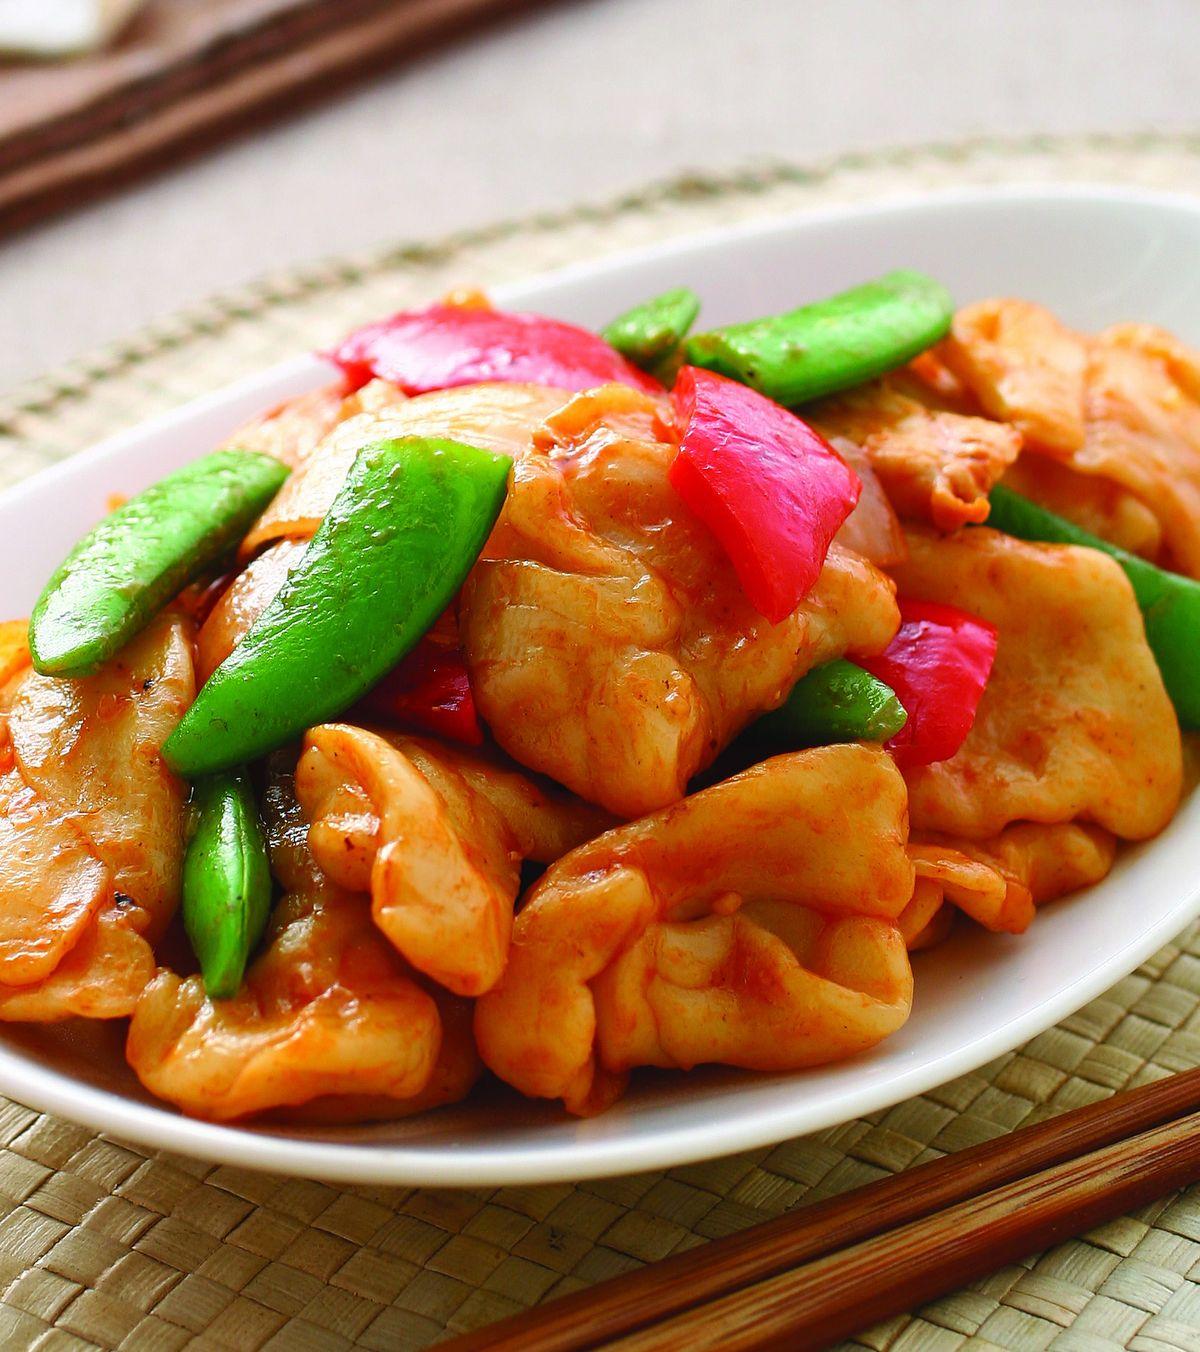 食譜:茄汁炒麵疙瘩